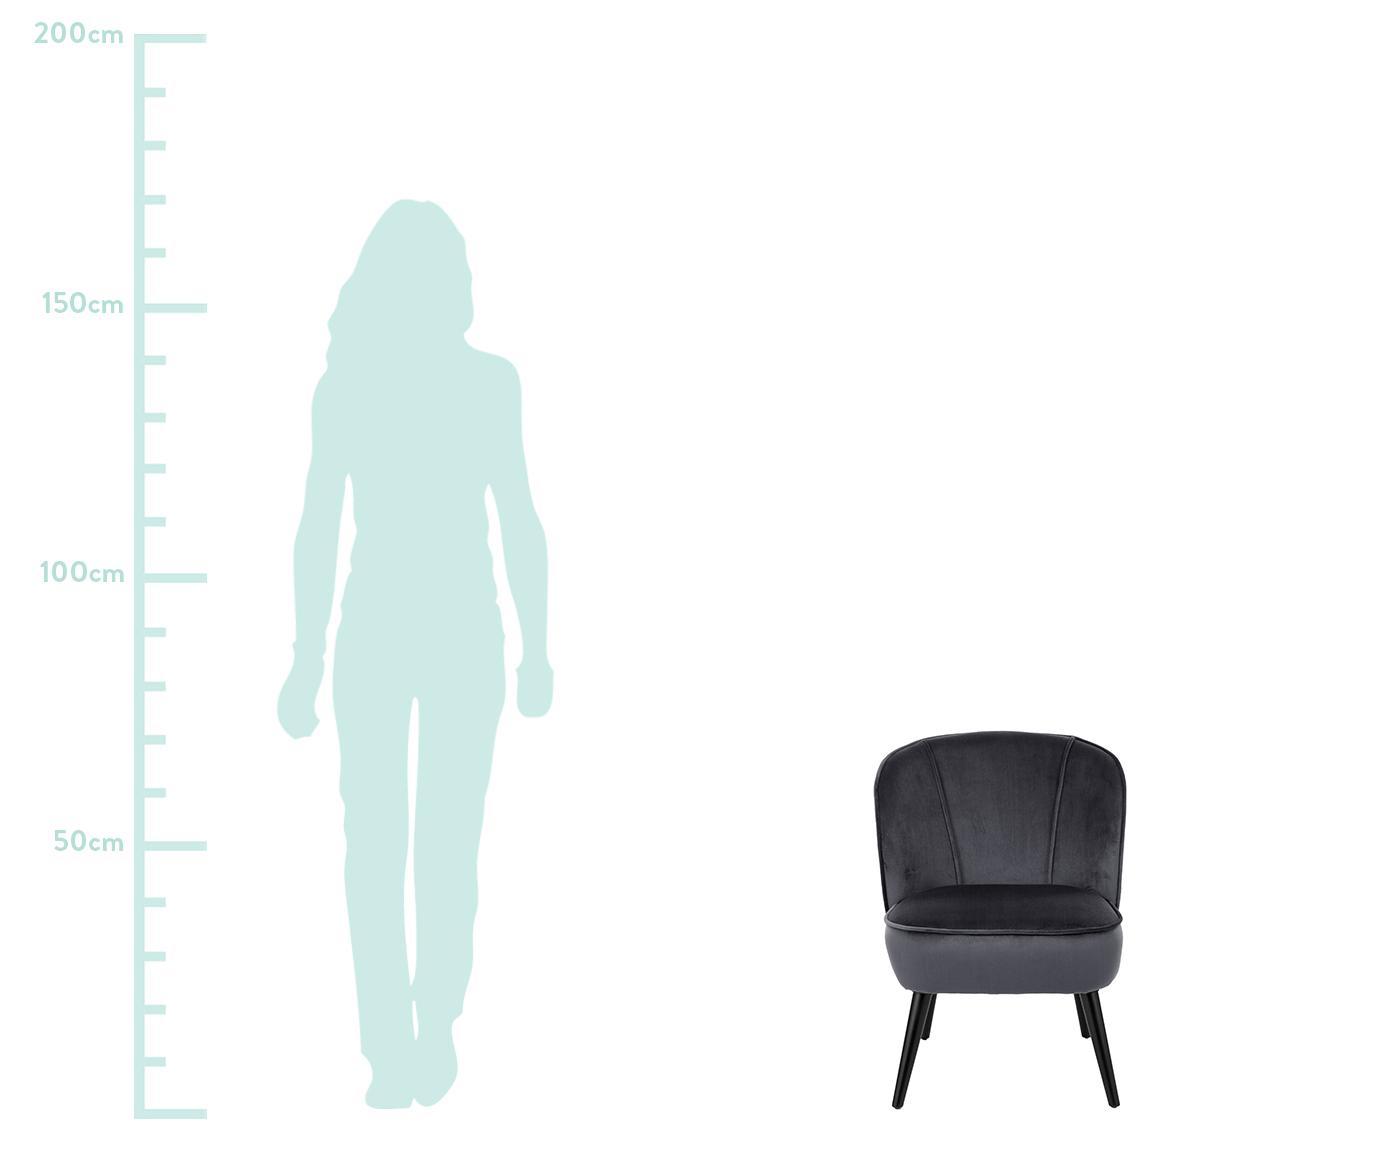 Fotel koktajlowy z aksamitu Lucky, Tapicerka: aksamit (poliester) Tkani, Nogi: drewno kauczukowe, lakier, Tapicerka: ciemnoszary Nogi: czarny, S 59 x G 68 cm